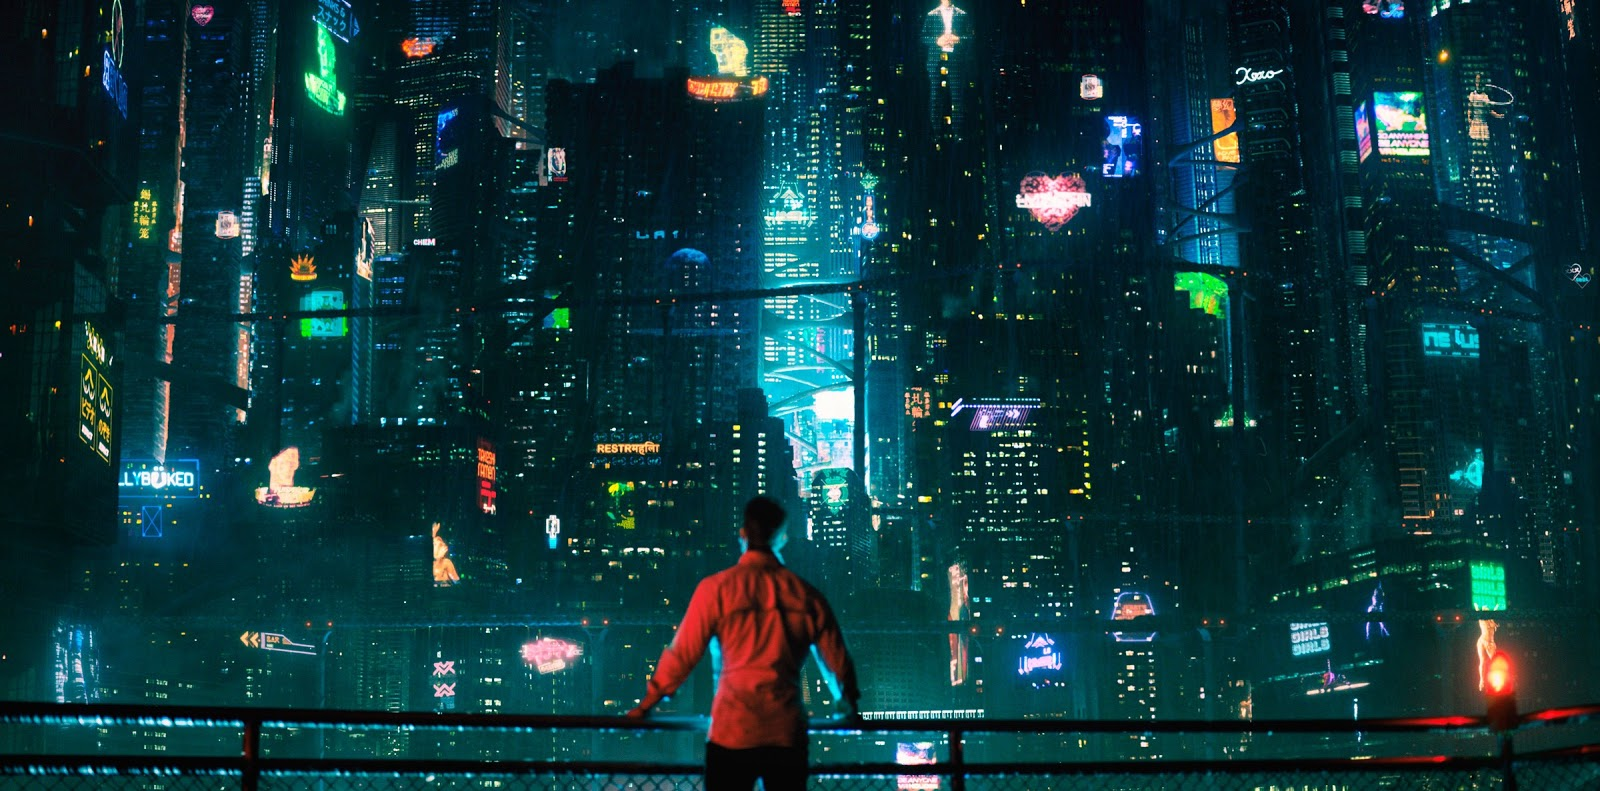 Joel Kinnaman en una imagen promocional del nuevo estreno de Netflix 'Altered Carbon'